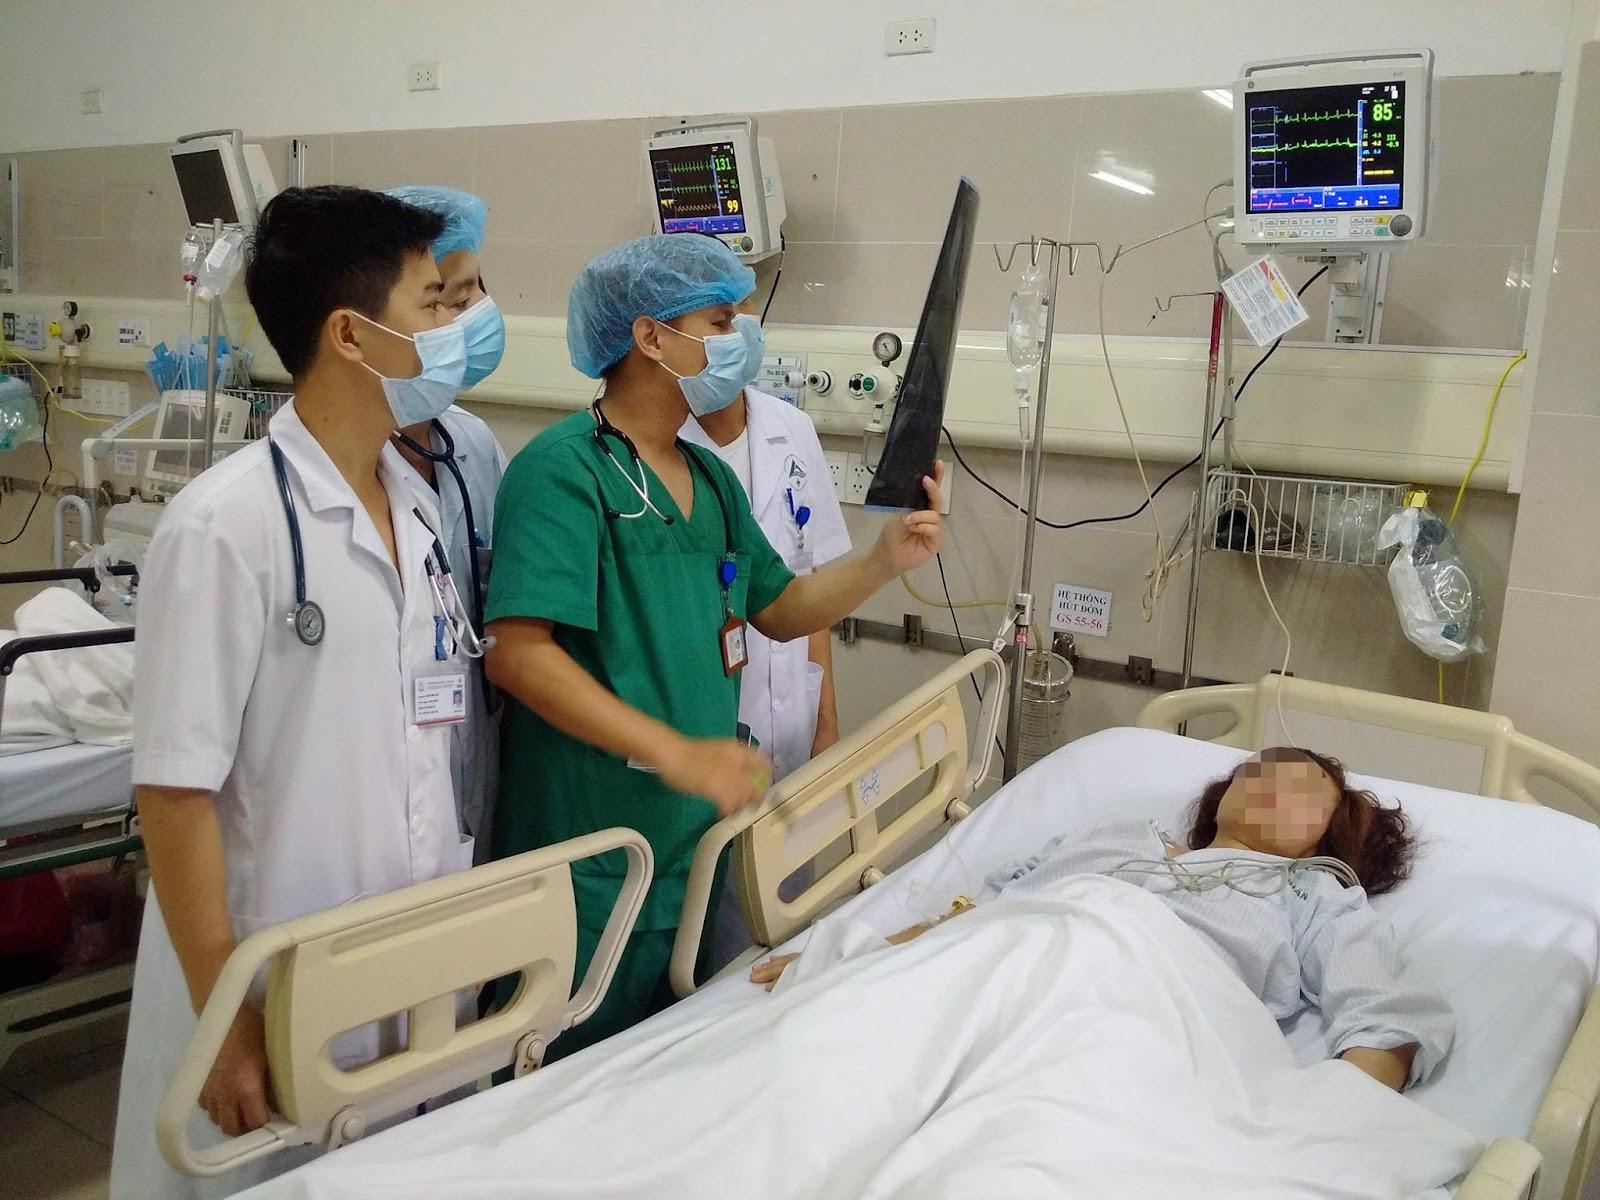 Kết luận cuối cùng của Sở y tế sau sự cố căng da tại Bệnh viện thẩm mỹ Kangnam